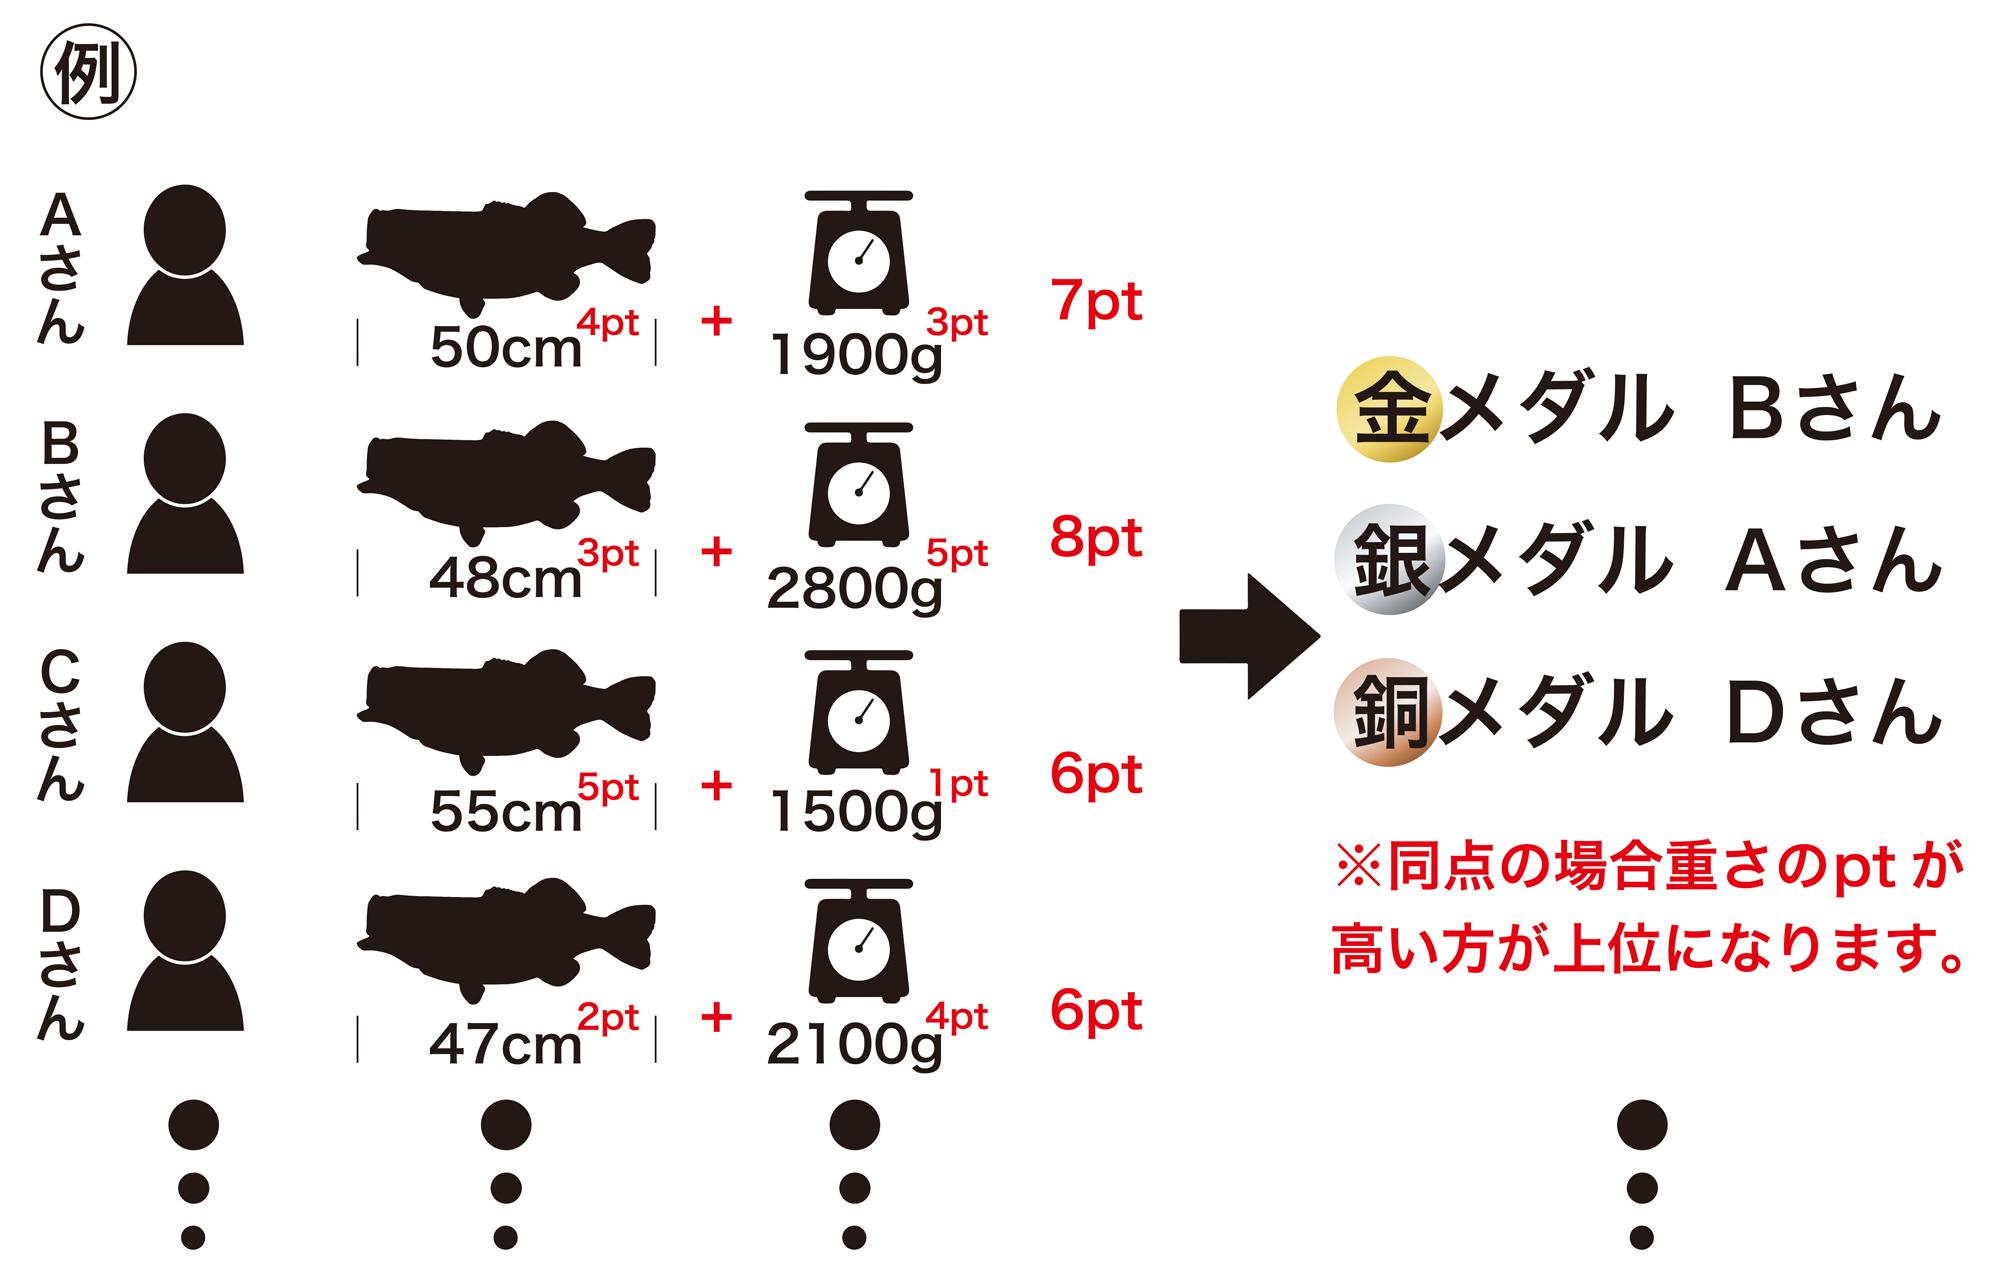 オリンピック_図_イメージ2